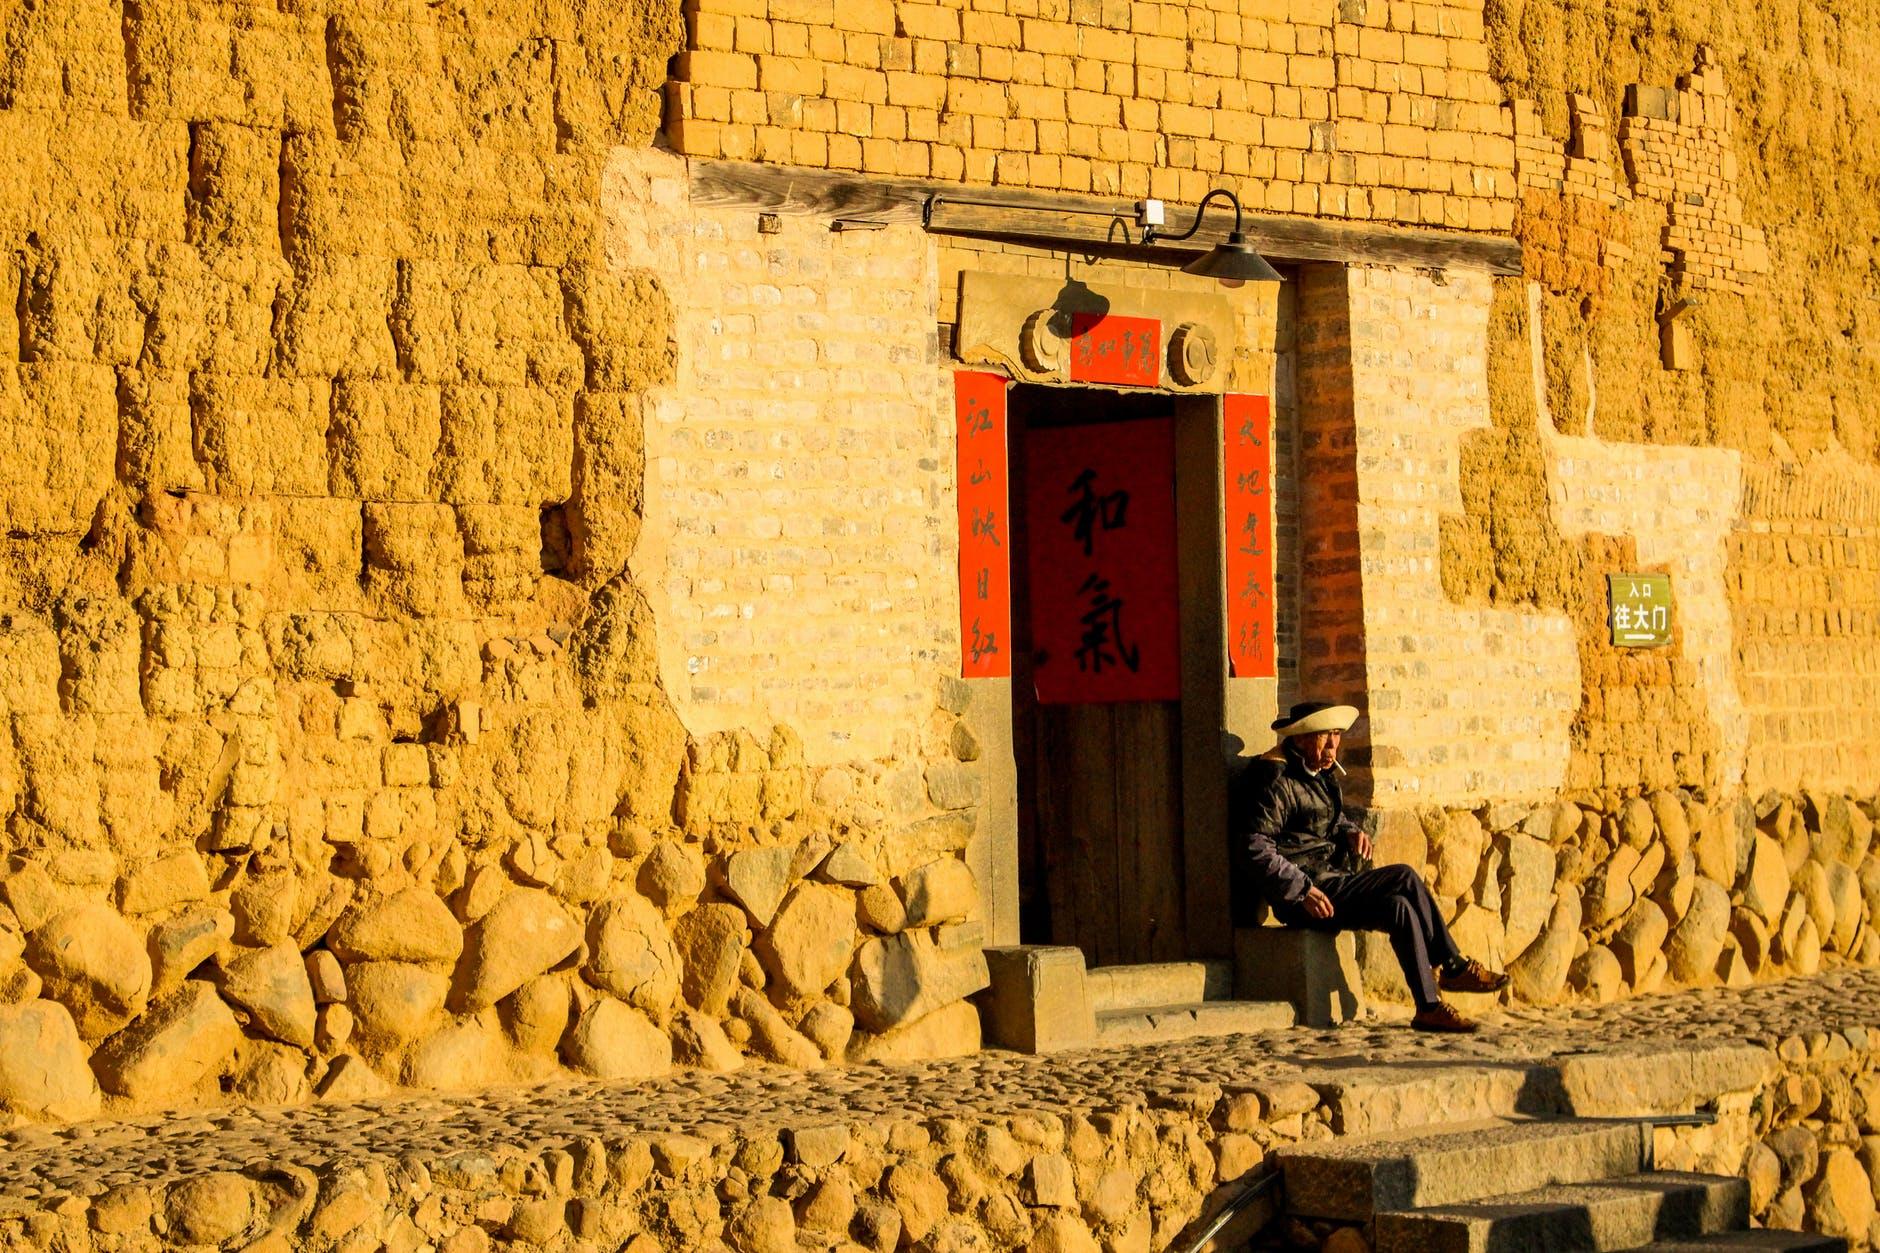 man people street building